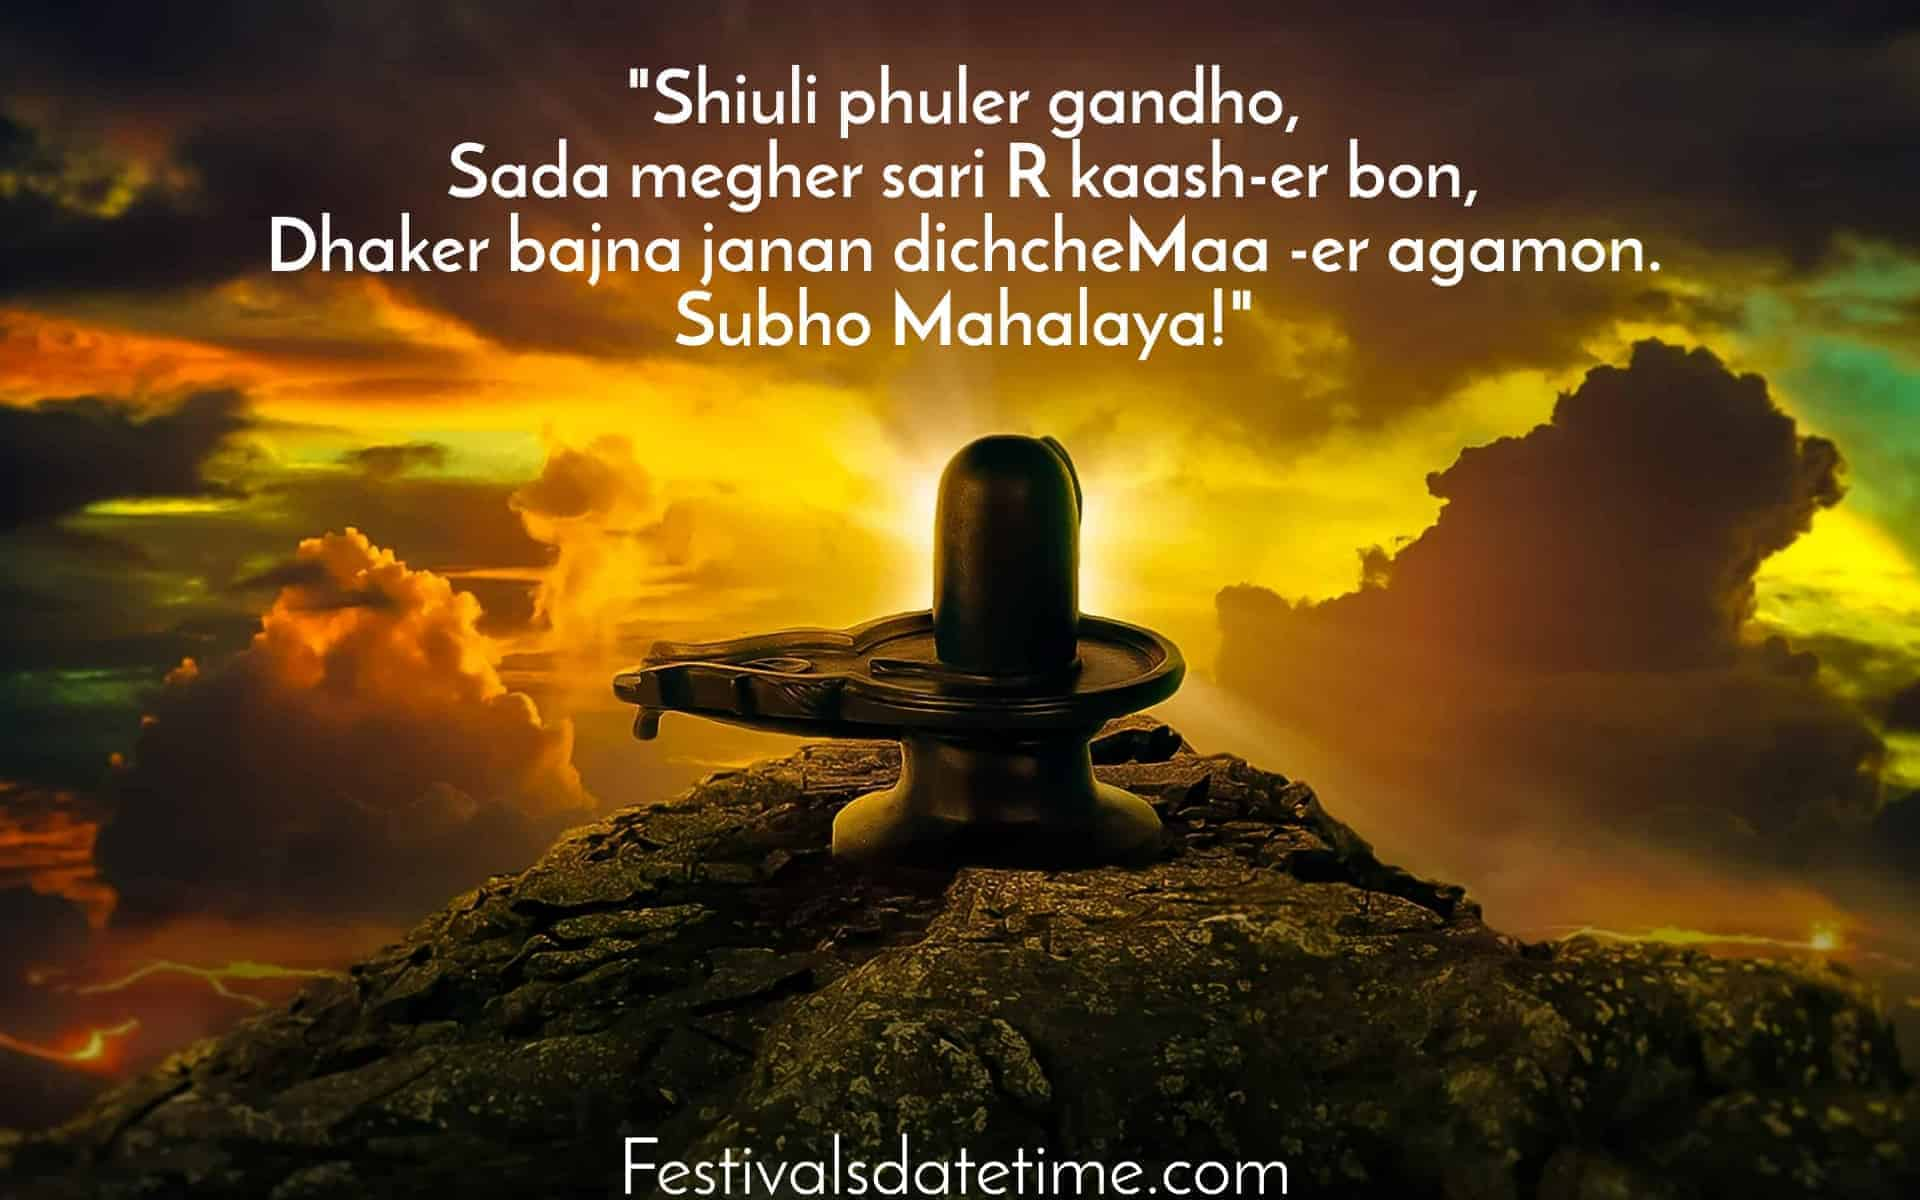 subho_mahalaya_quotes_in_english